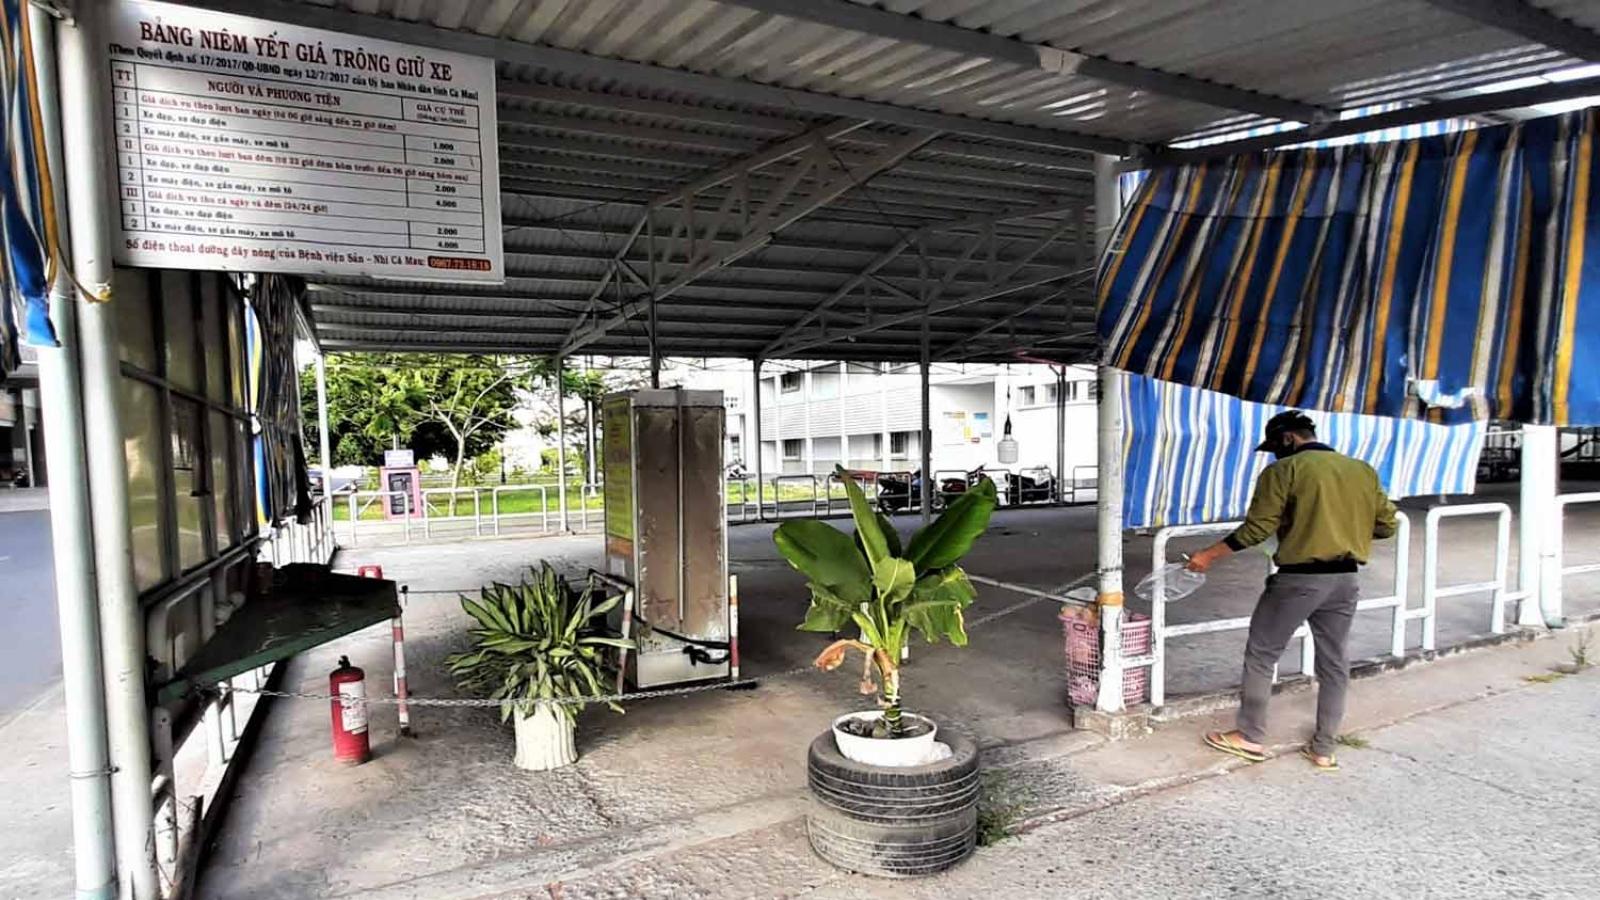 Vụ nhà thầu khóa nhà xe ở Cà Mau: Bệnh viện đã tiếp nhận nhà xe